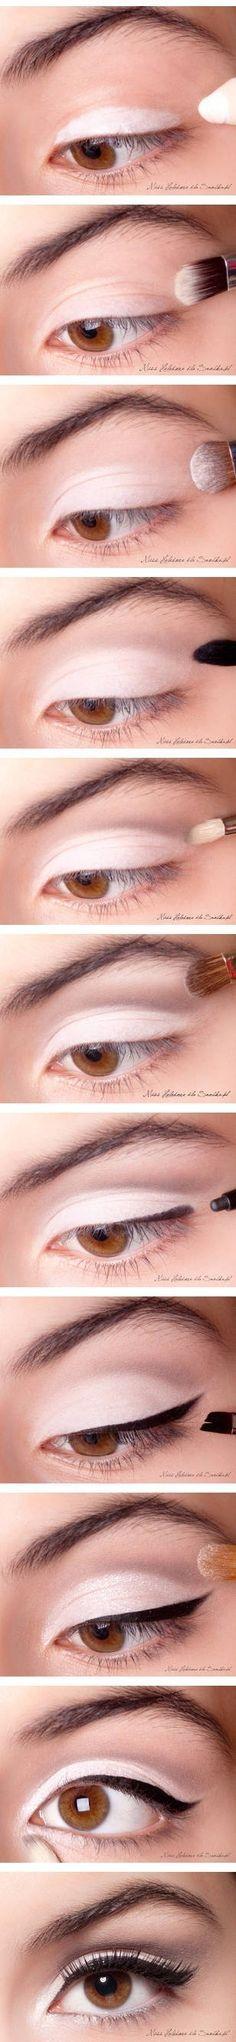 Resalta tus hermosos ojos cafés con este delineado *--*